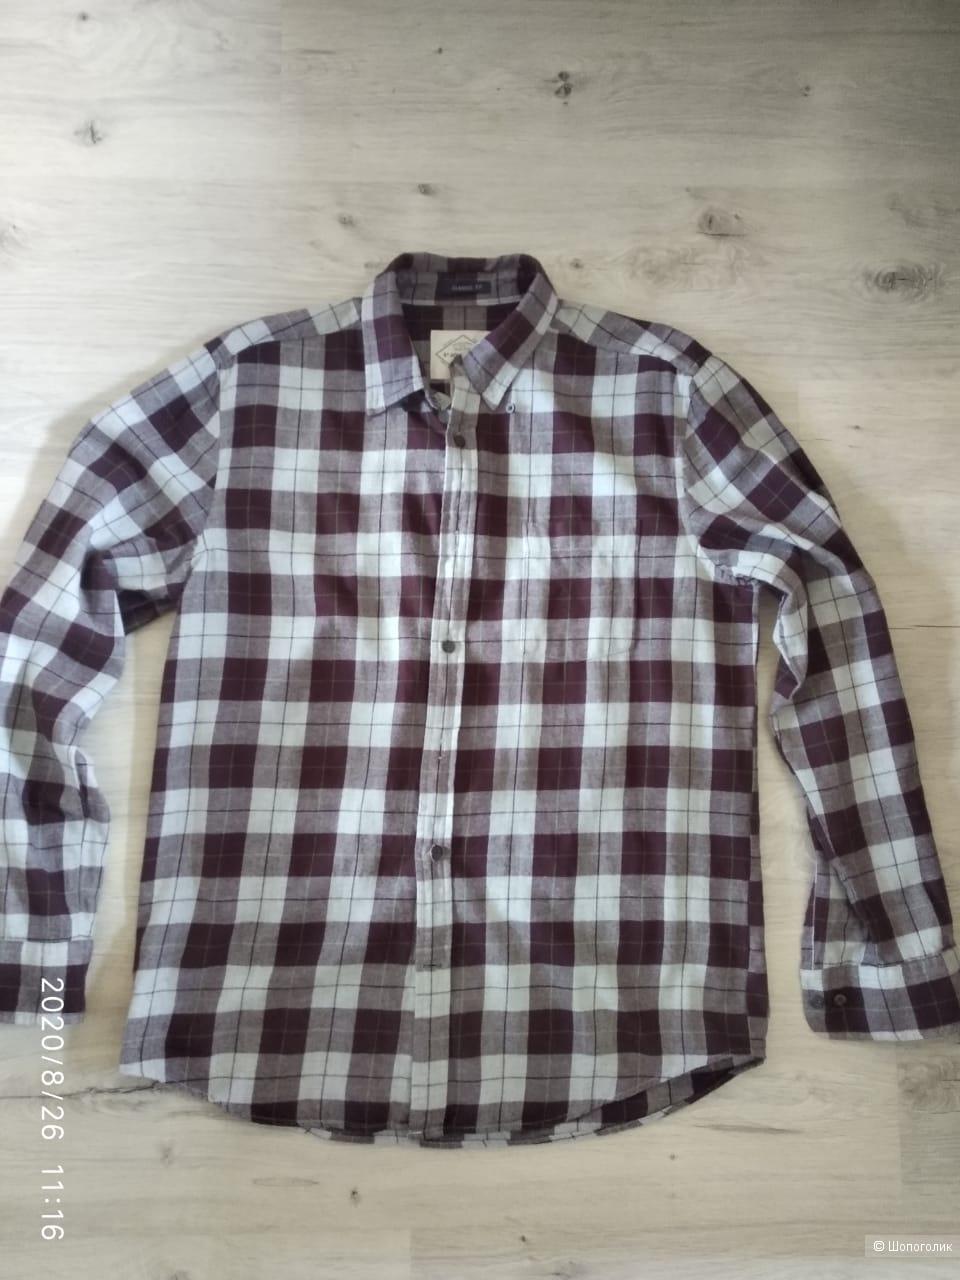 Рубашка St John's Bay, размер М